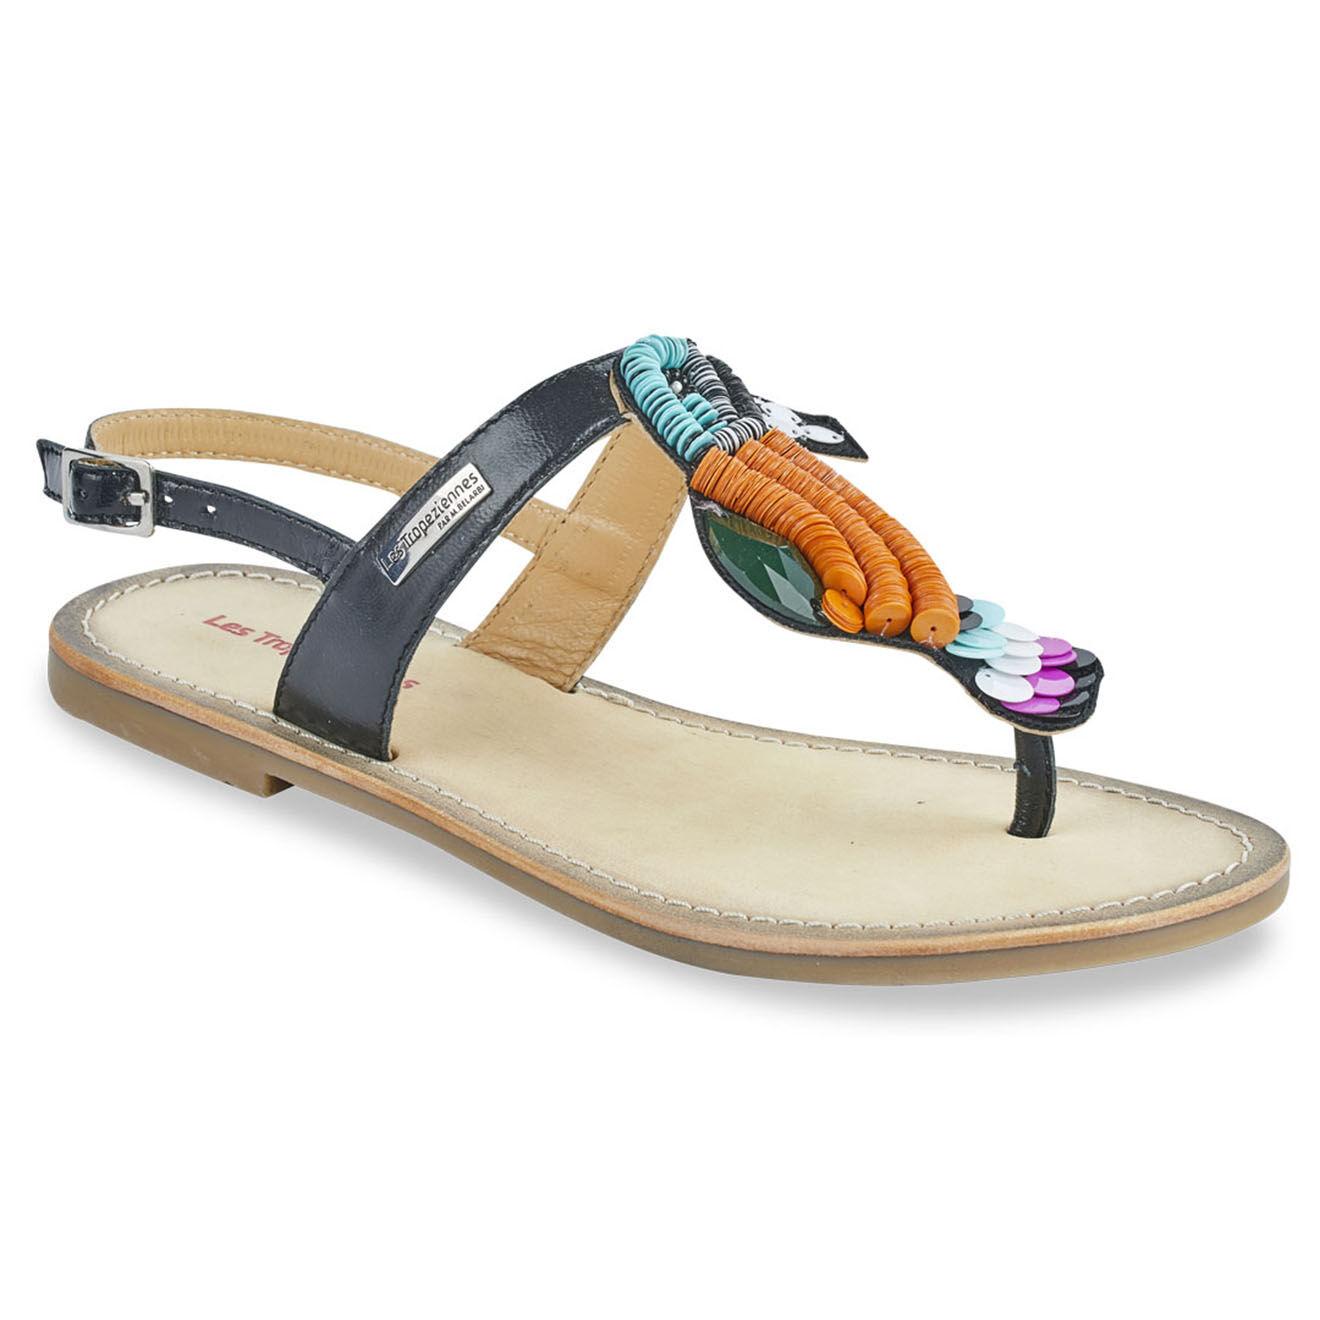 Sandales entre-doigts Toucan en Cuir - Les Tropeziennes - Modalova